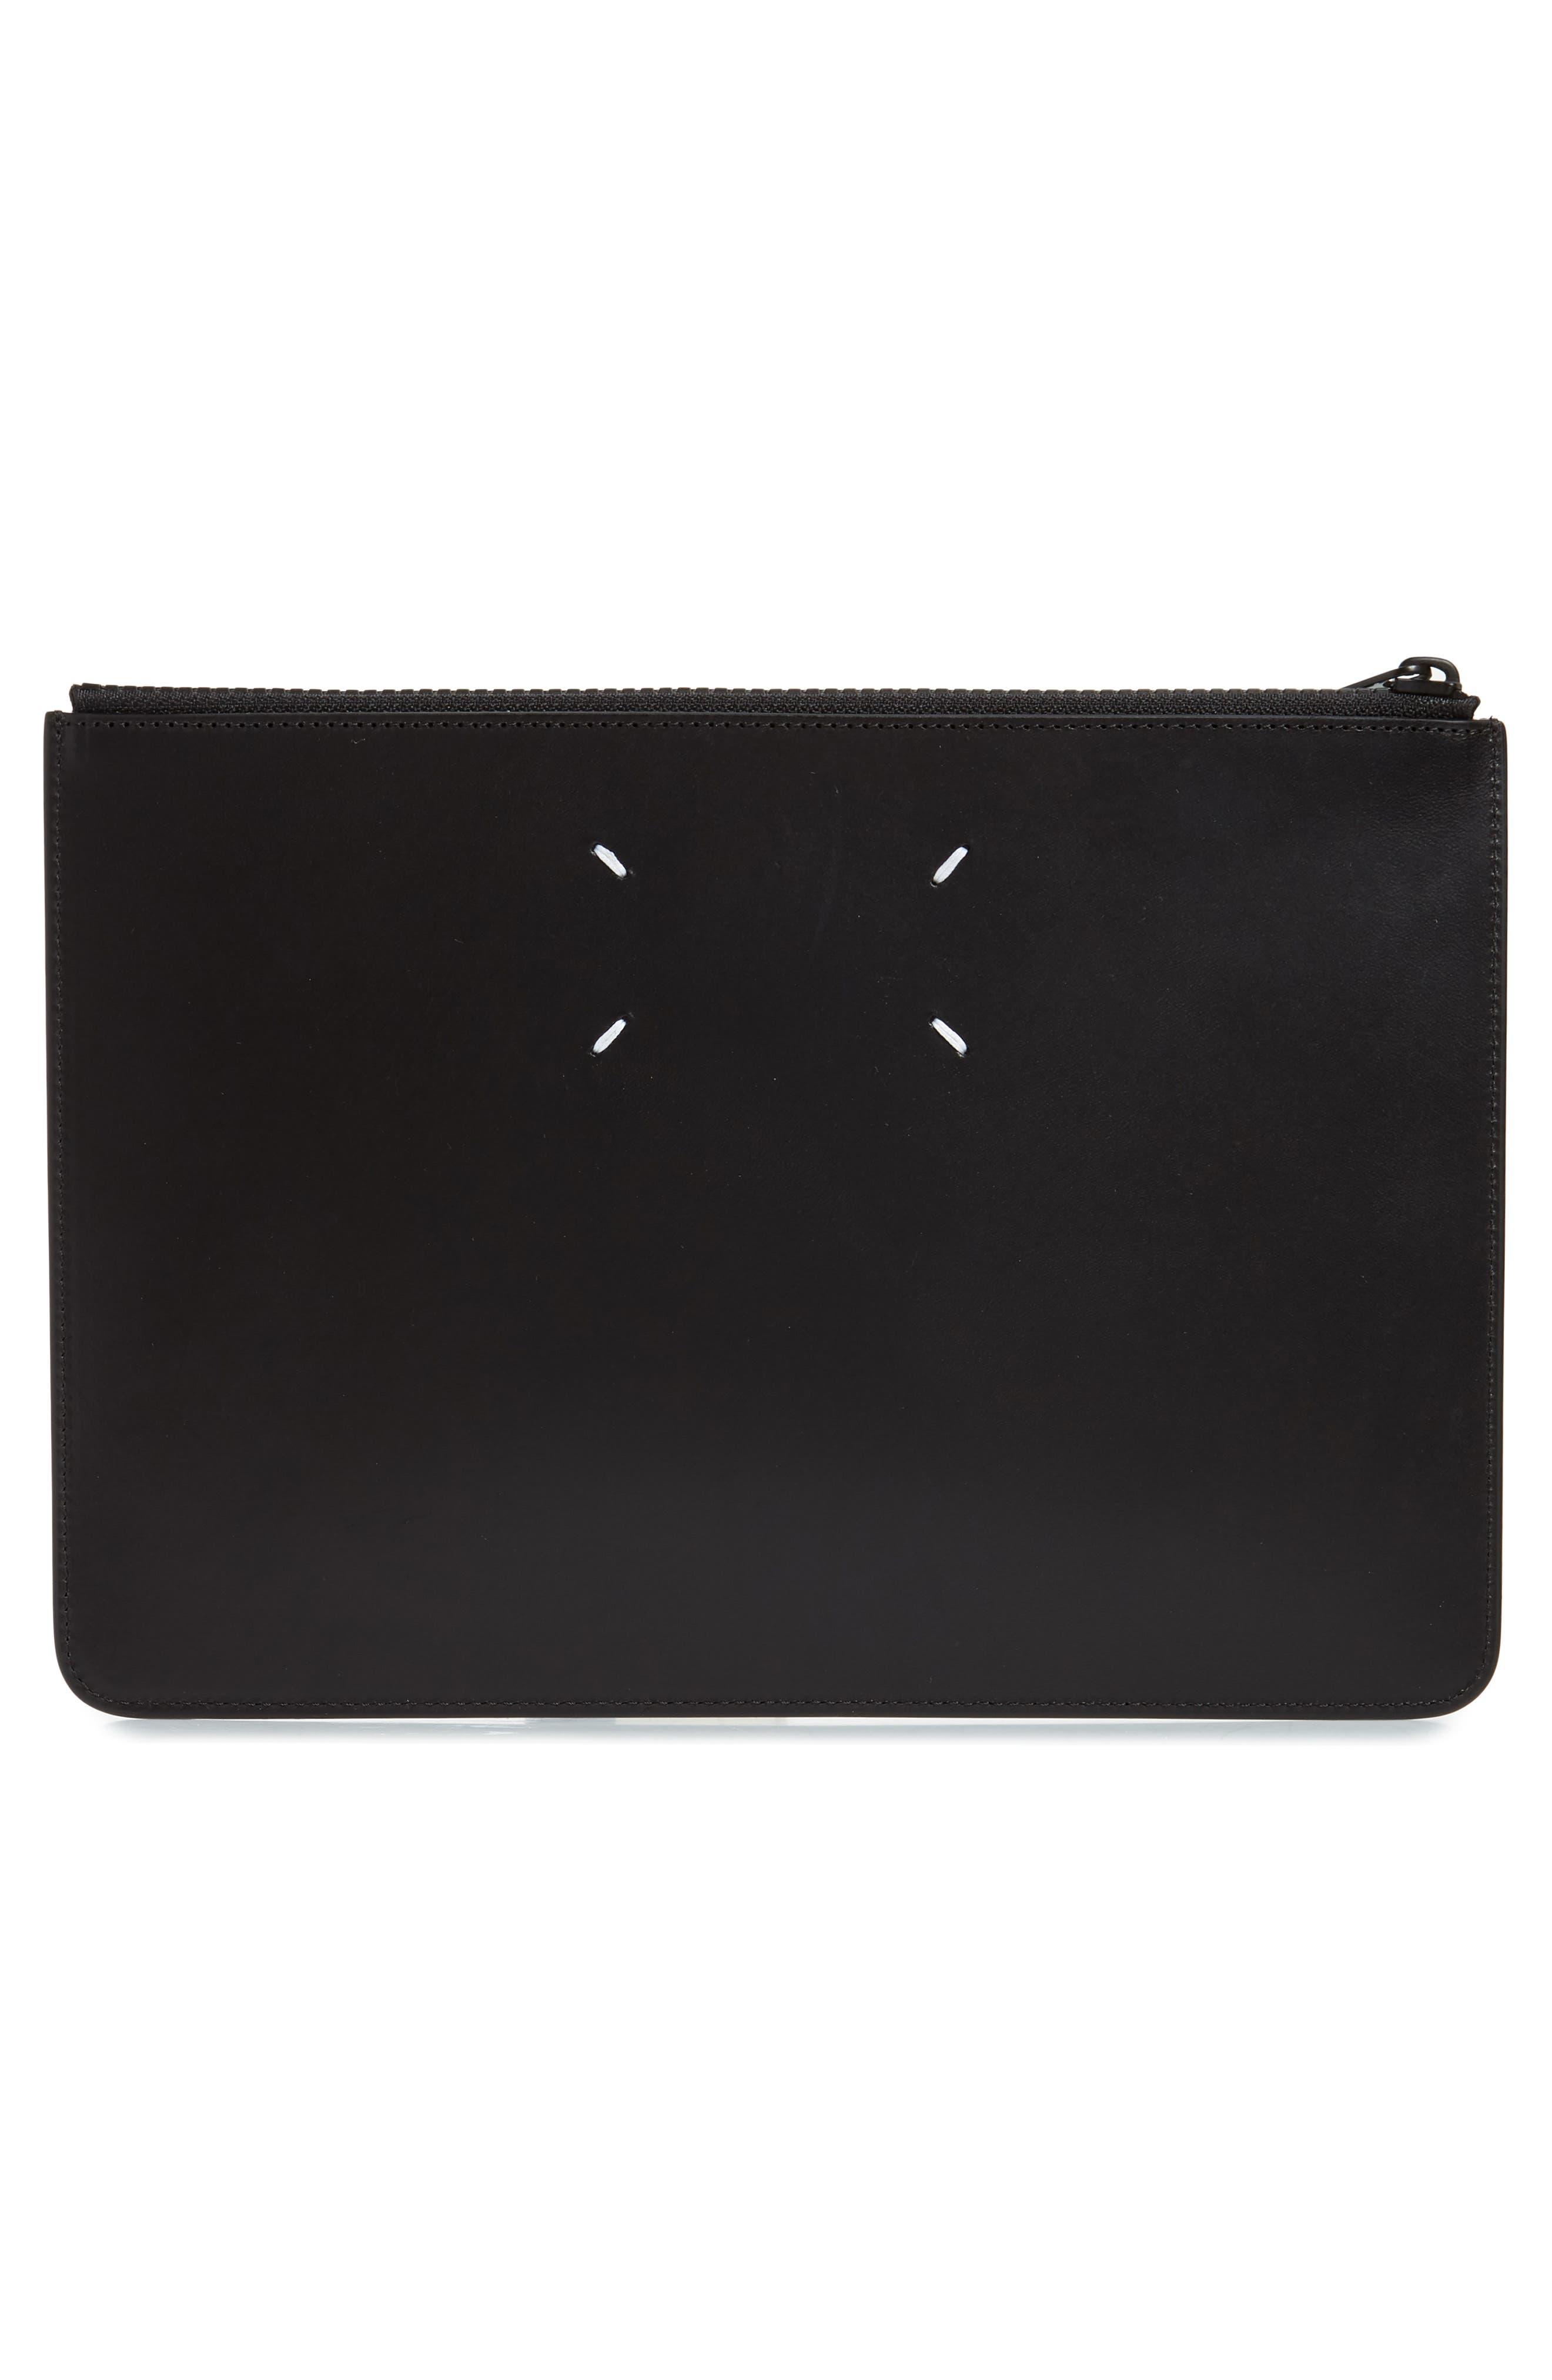 MAISON MARGIELA, Leather Zip Pouch, Alternate thumbnail 3, color, BLACK